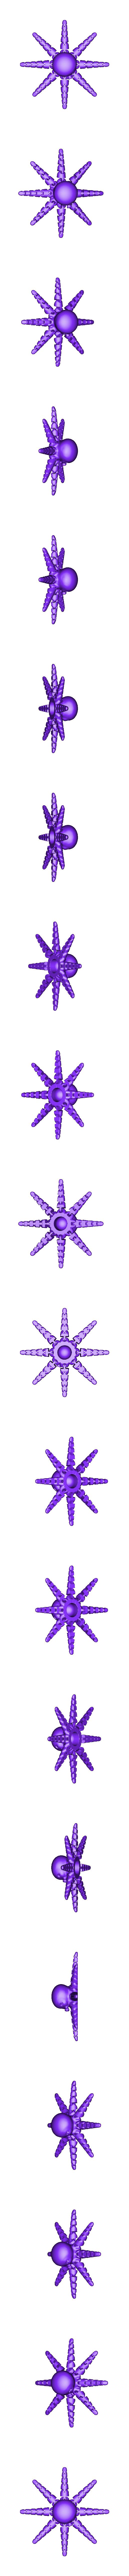 Octopus_v5.5.stl Télécharger fichier STL gratuit Jolie pieuvre miniature • Modèle pour imprimante 3D, jaumecomasfez